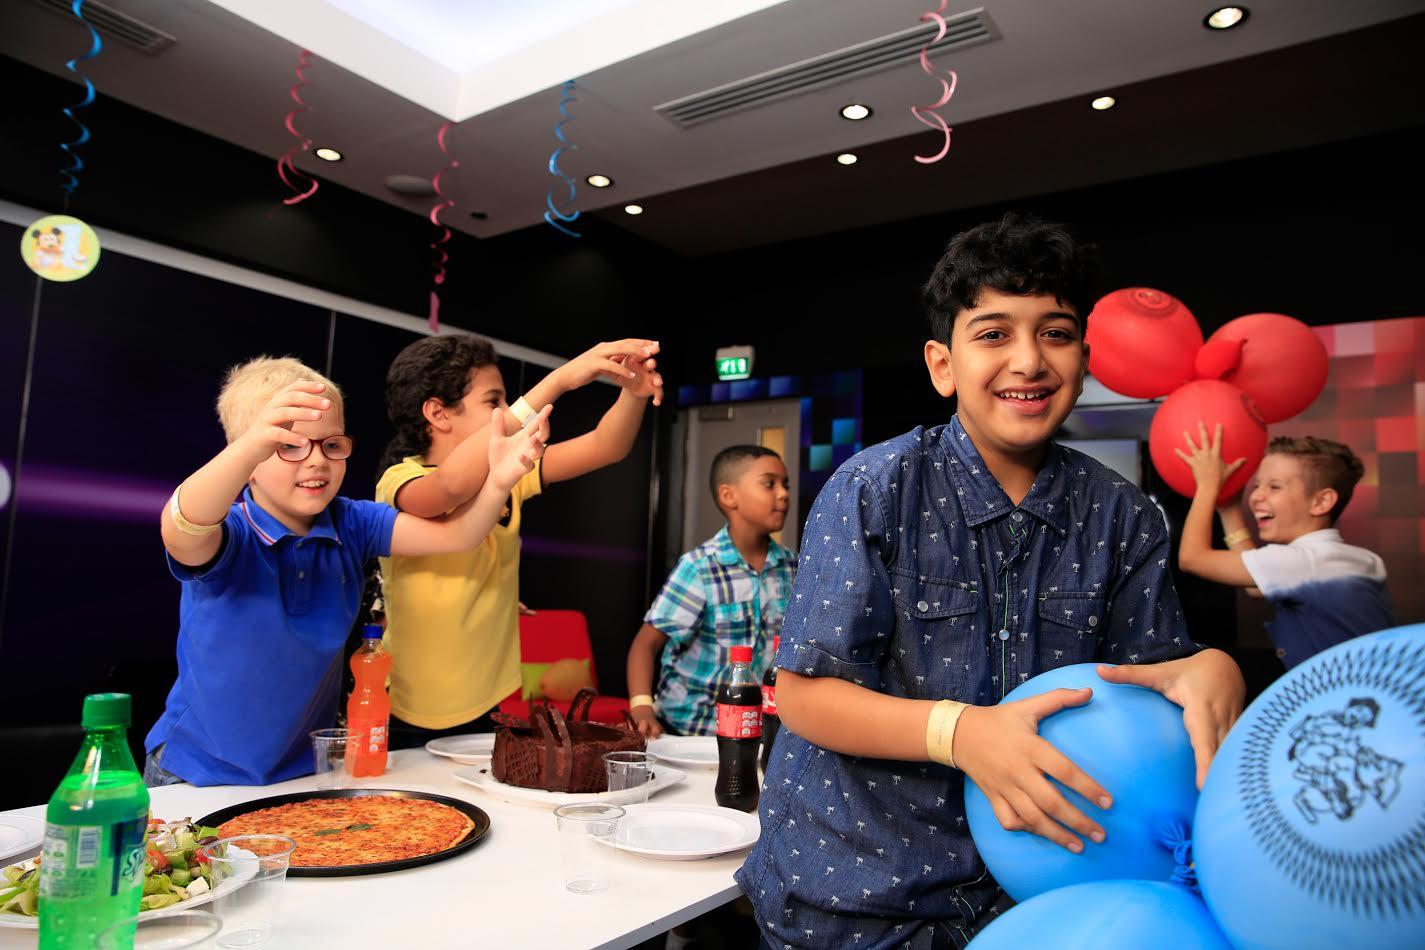 احتفلوا بعيد مولدكم بأسلوب مميز في مواقع سيتي ووك الترفيهية